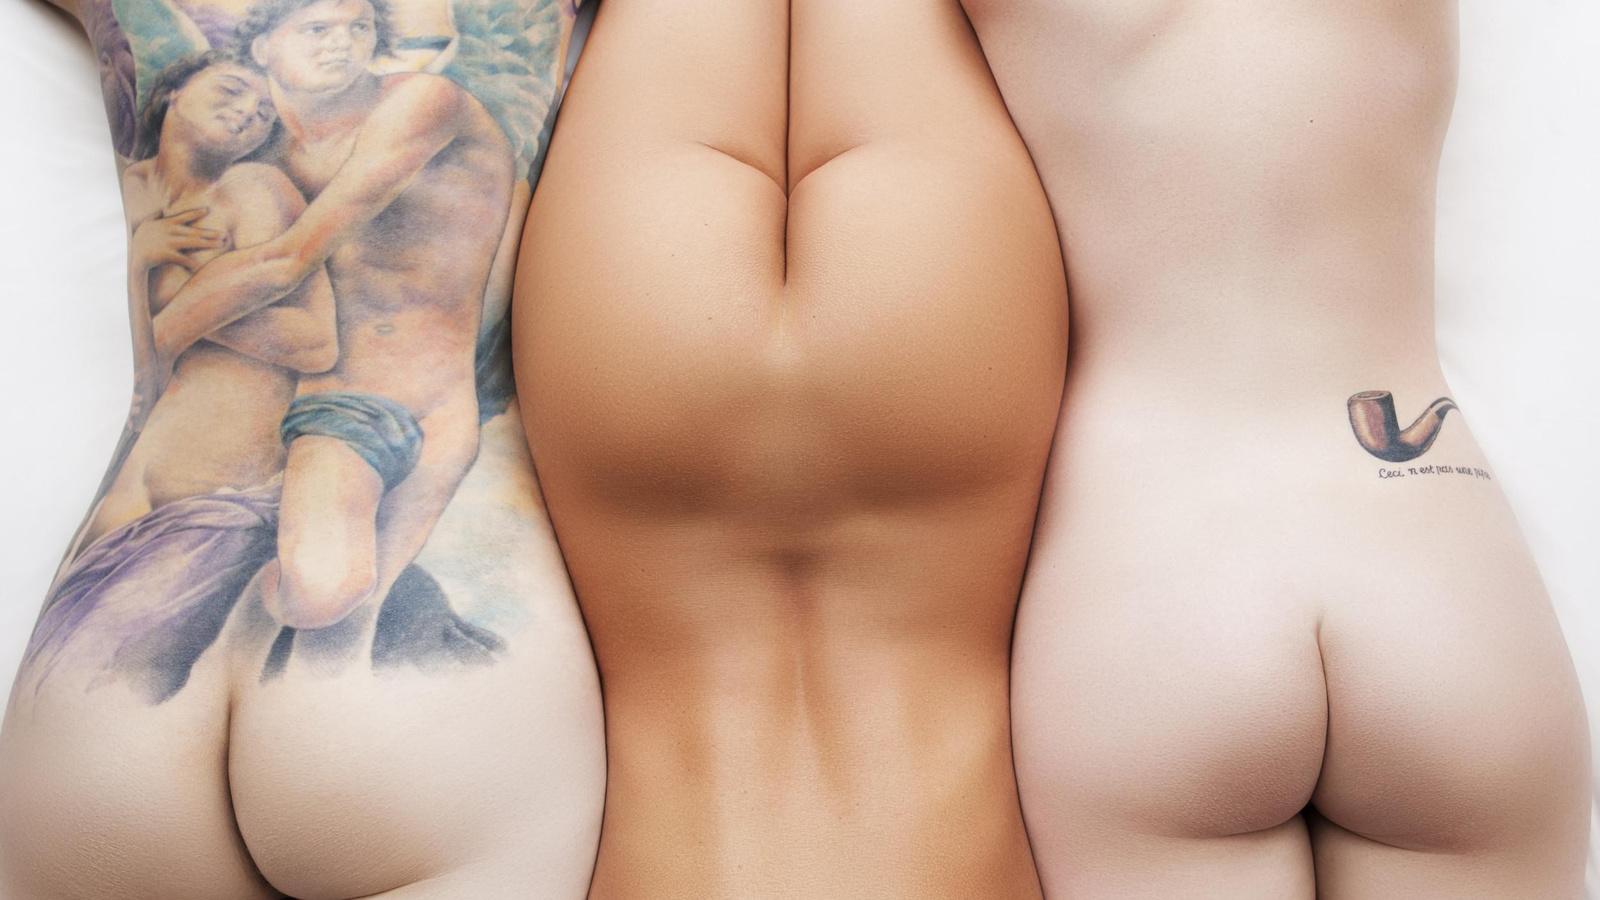 Тату девушки из голые и смешные 13 фотография